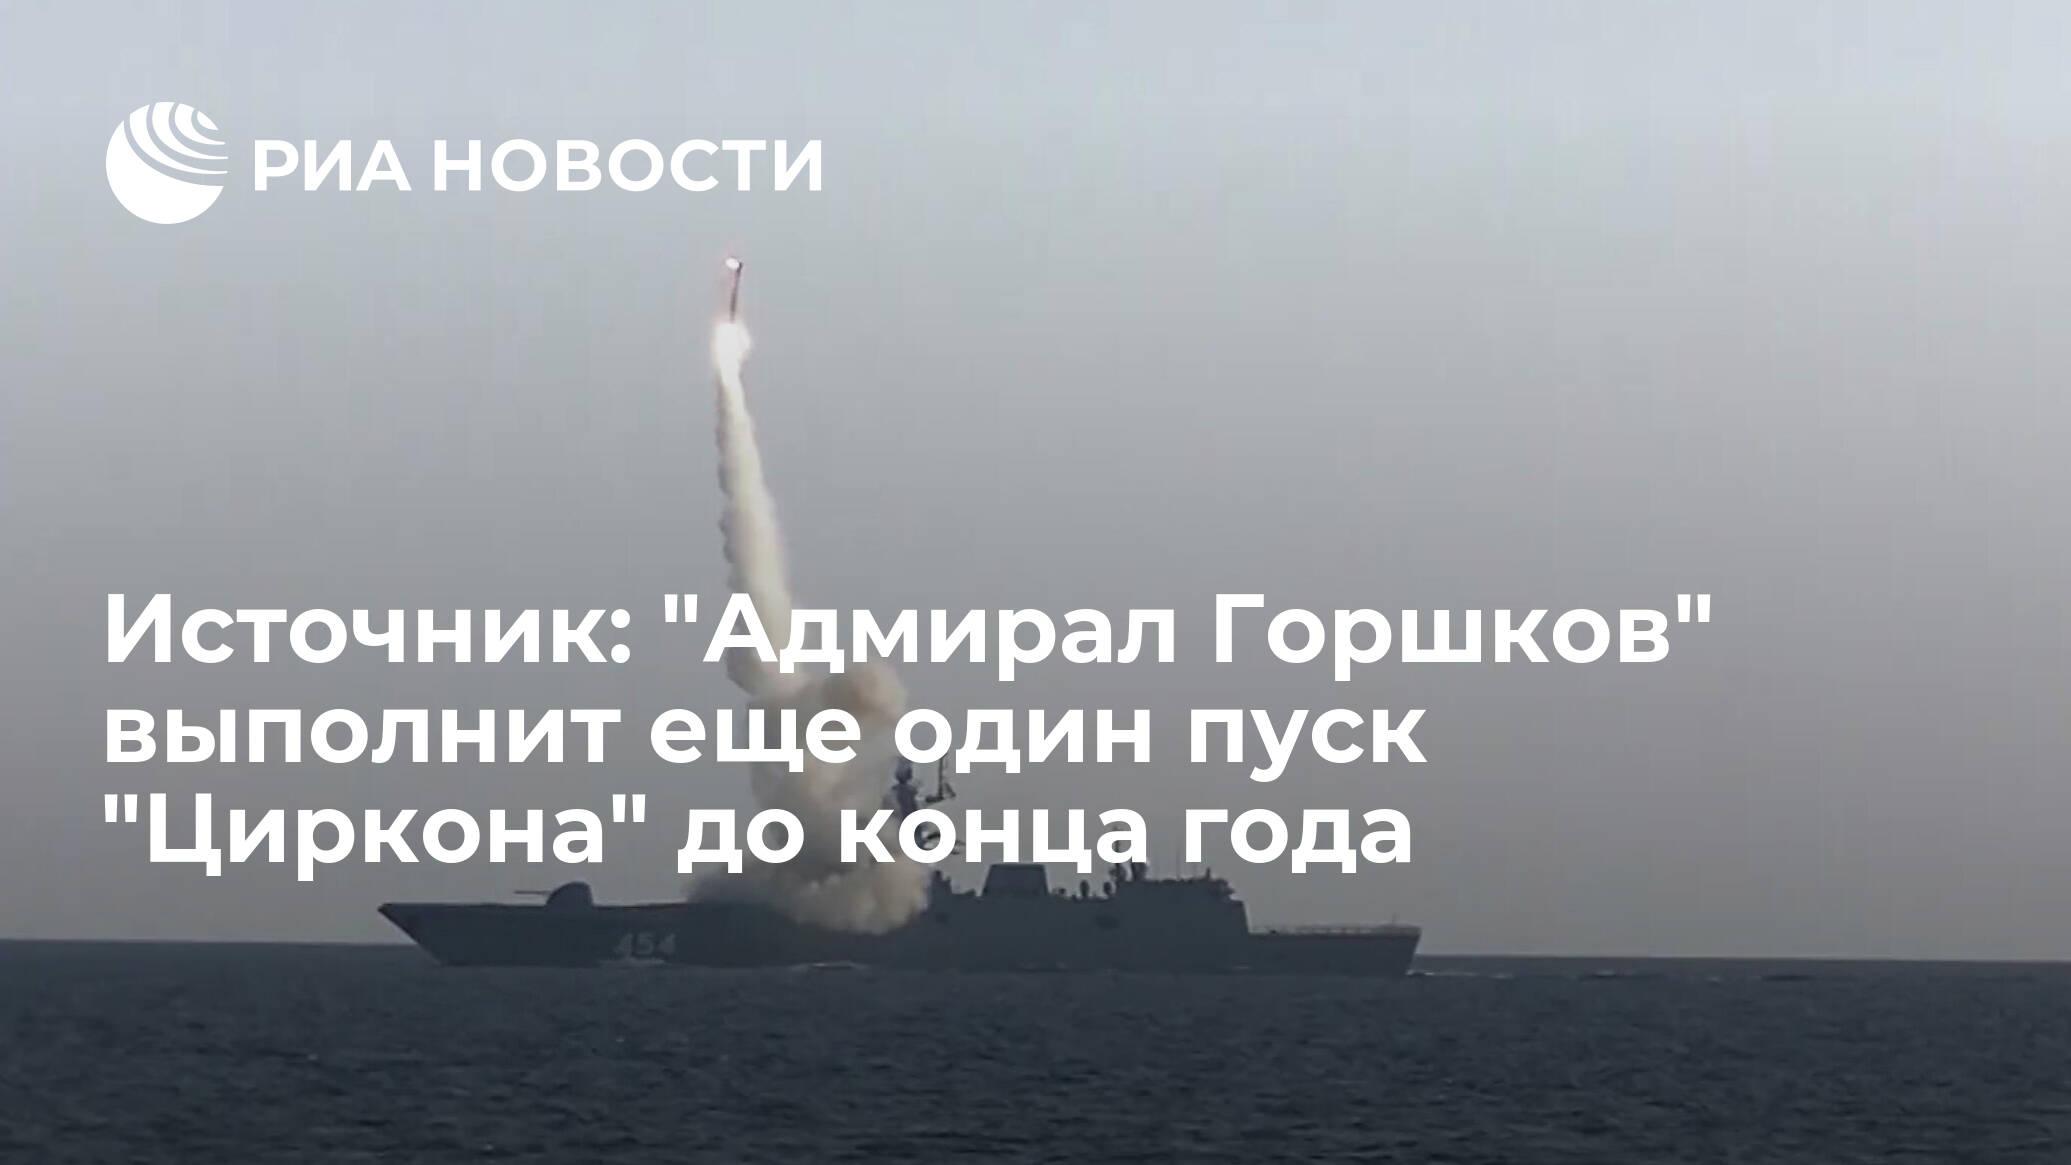 """Источник: """"Адмирал Горшков"""" выполнит еще один пуск """"Циркона"""" до конца года"""